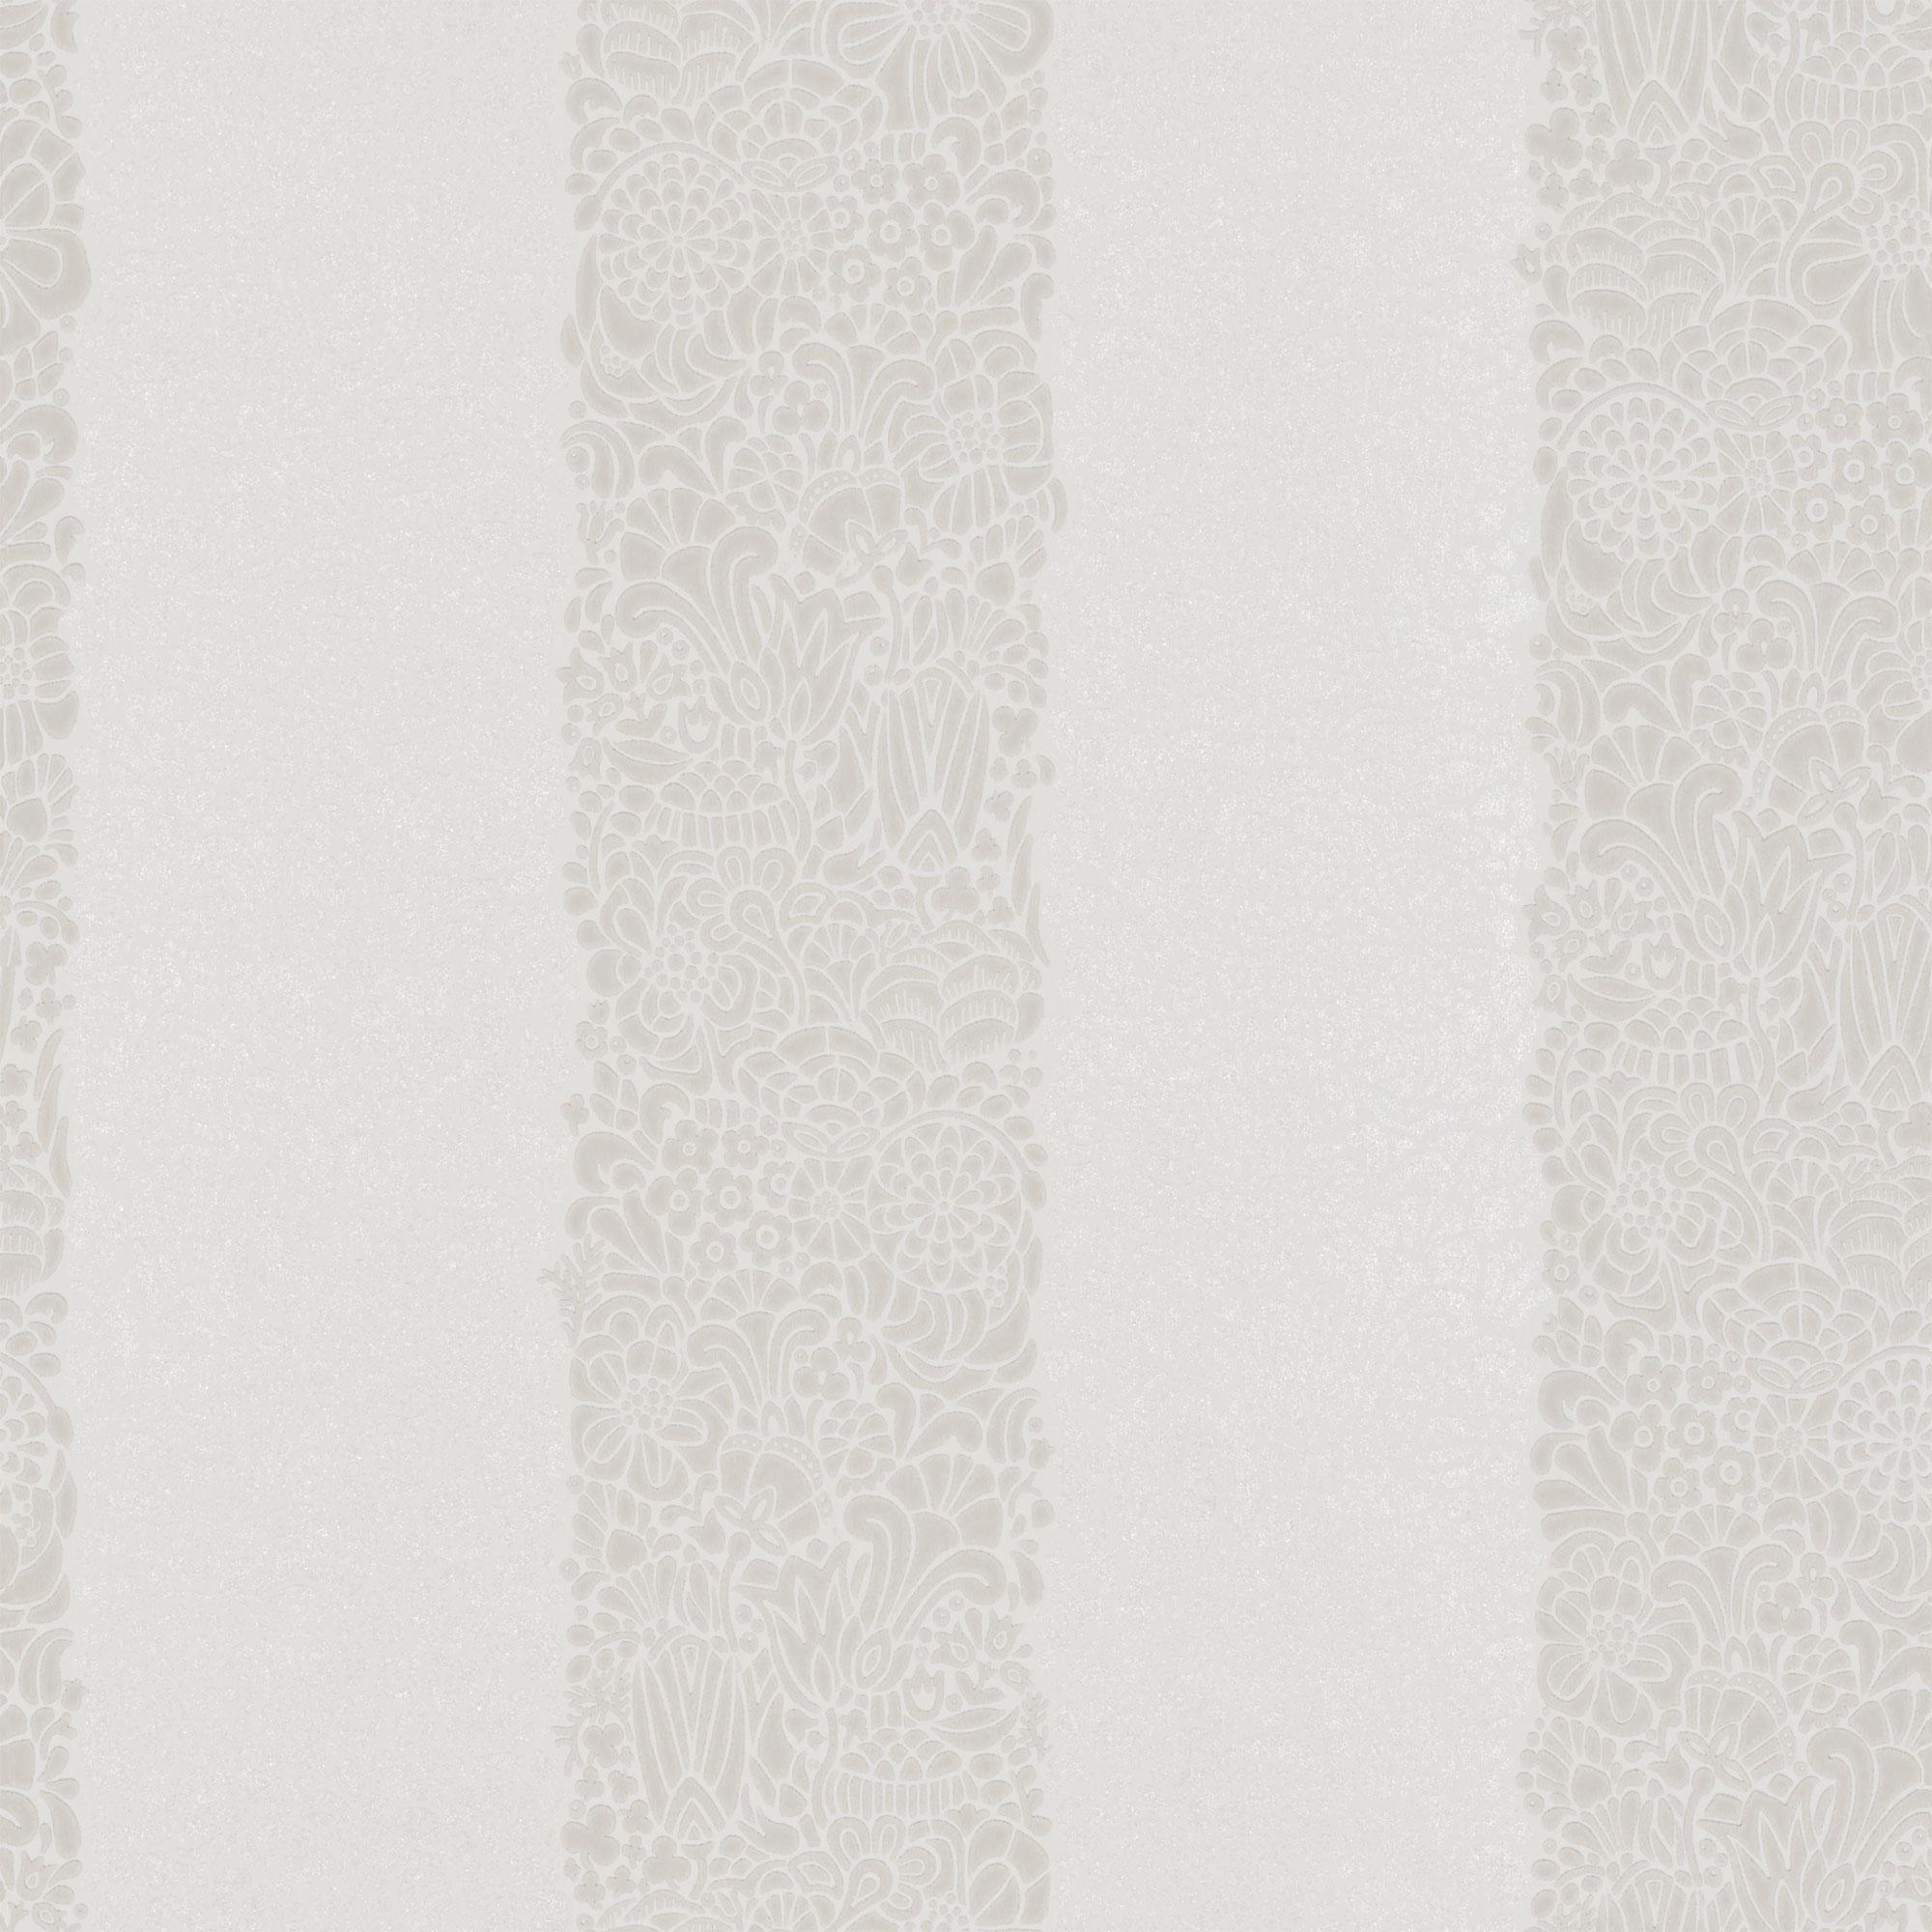 Шведские обои Sandberg,  коллекция Raphael II, артикул480-11